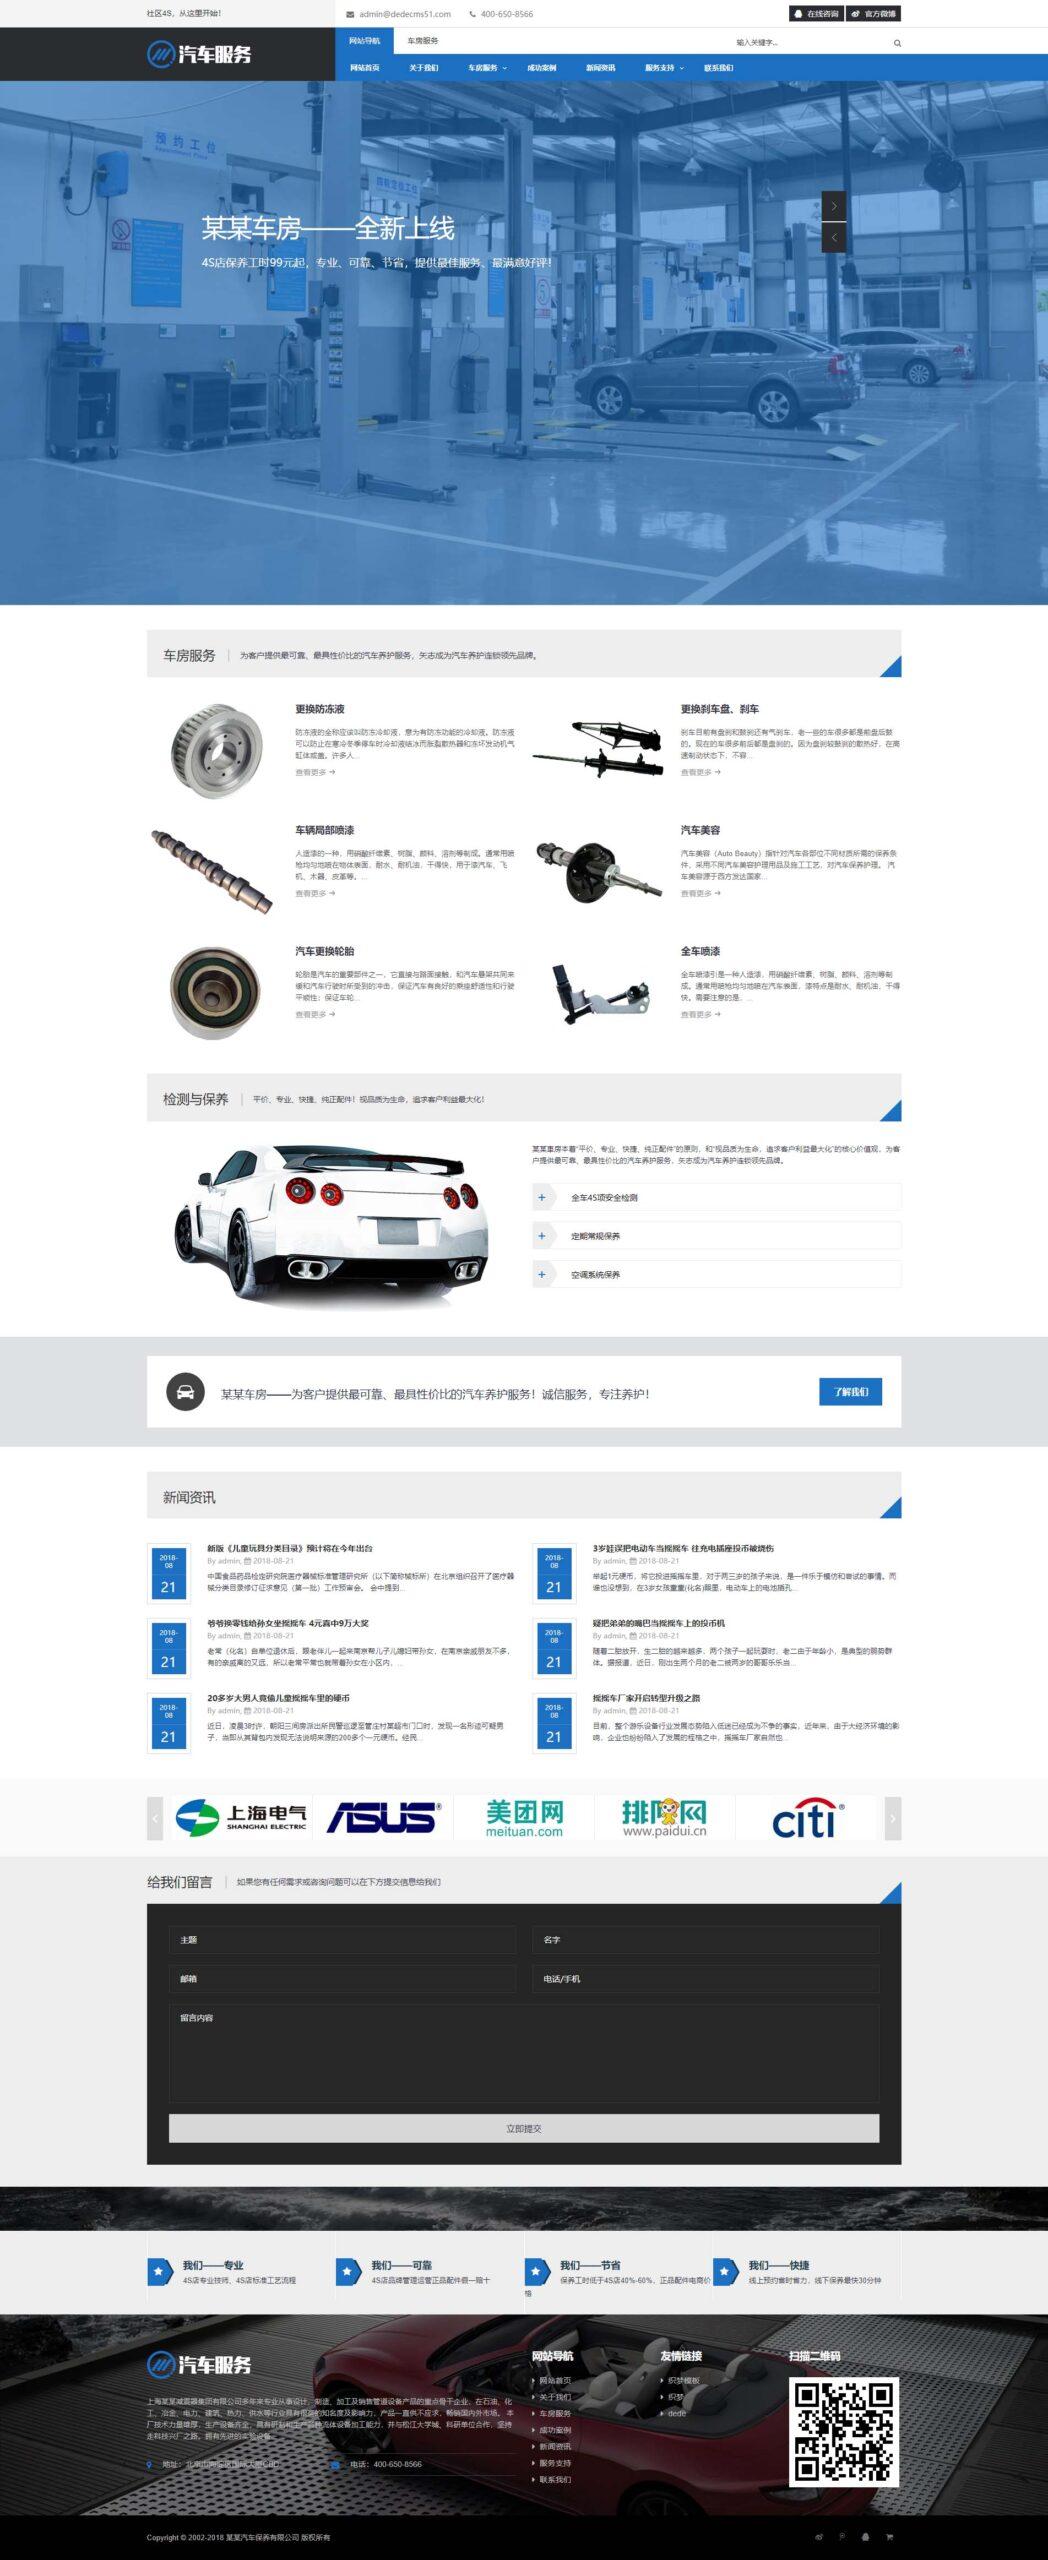 html5织梦模板汽车保养服务销售类网站织梦dede模板[带手机版]插图